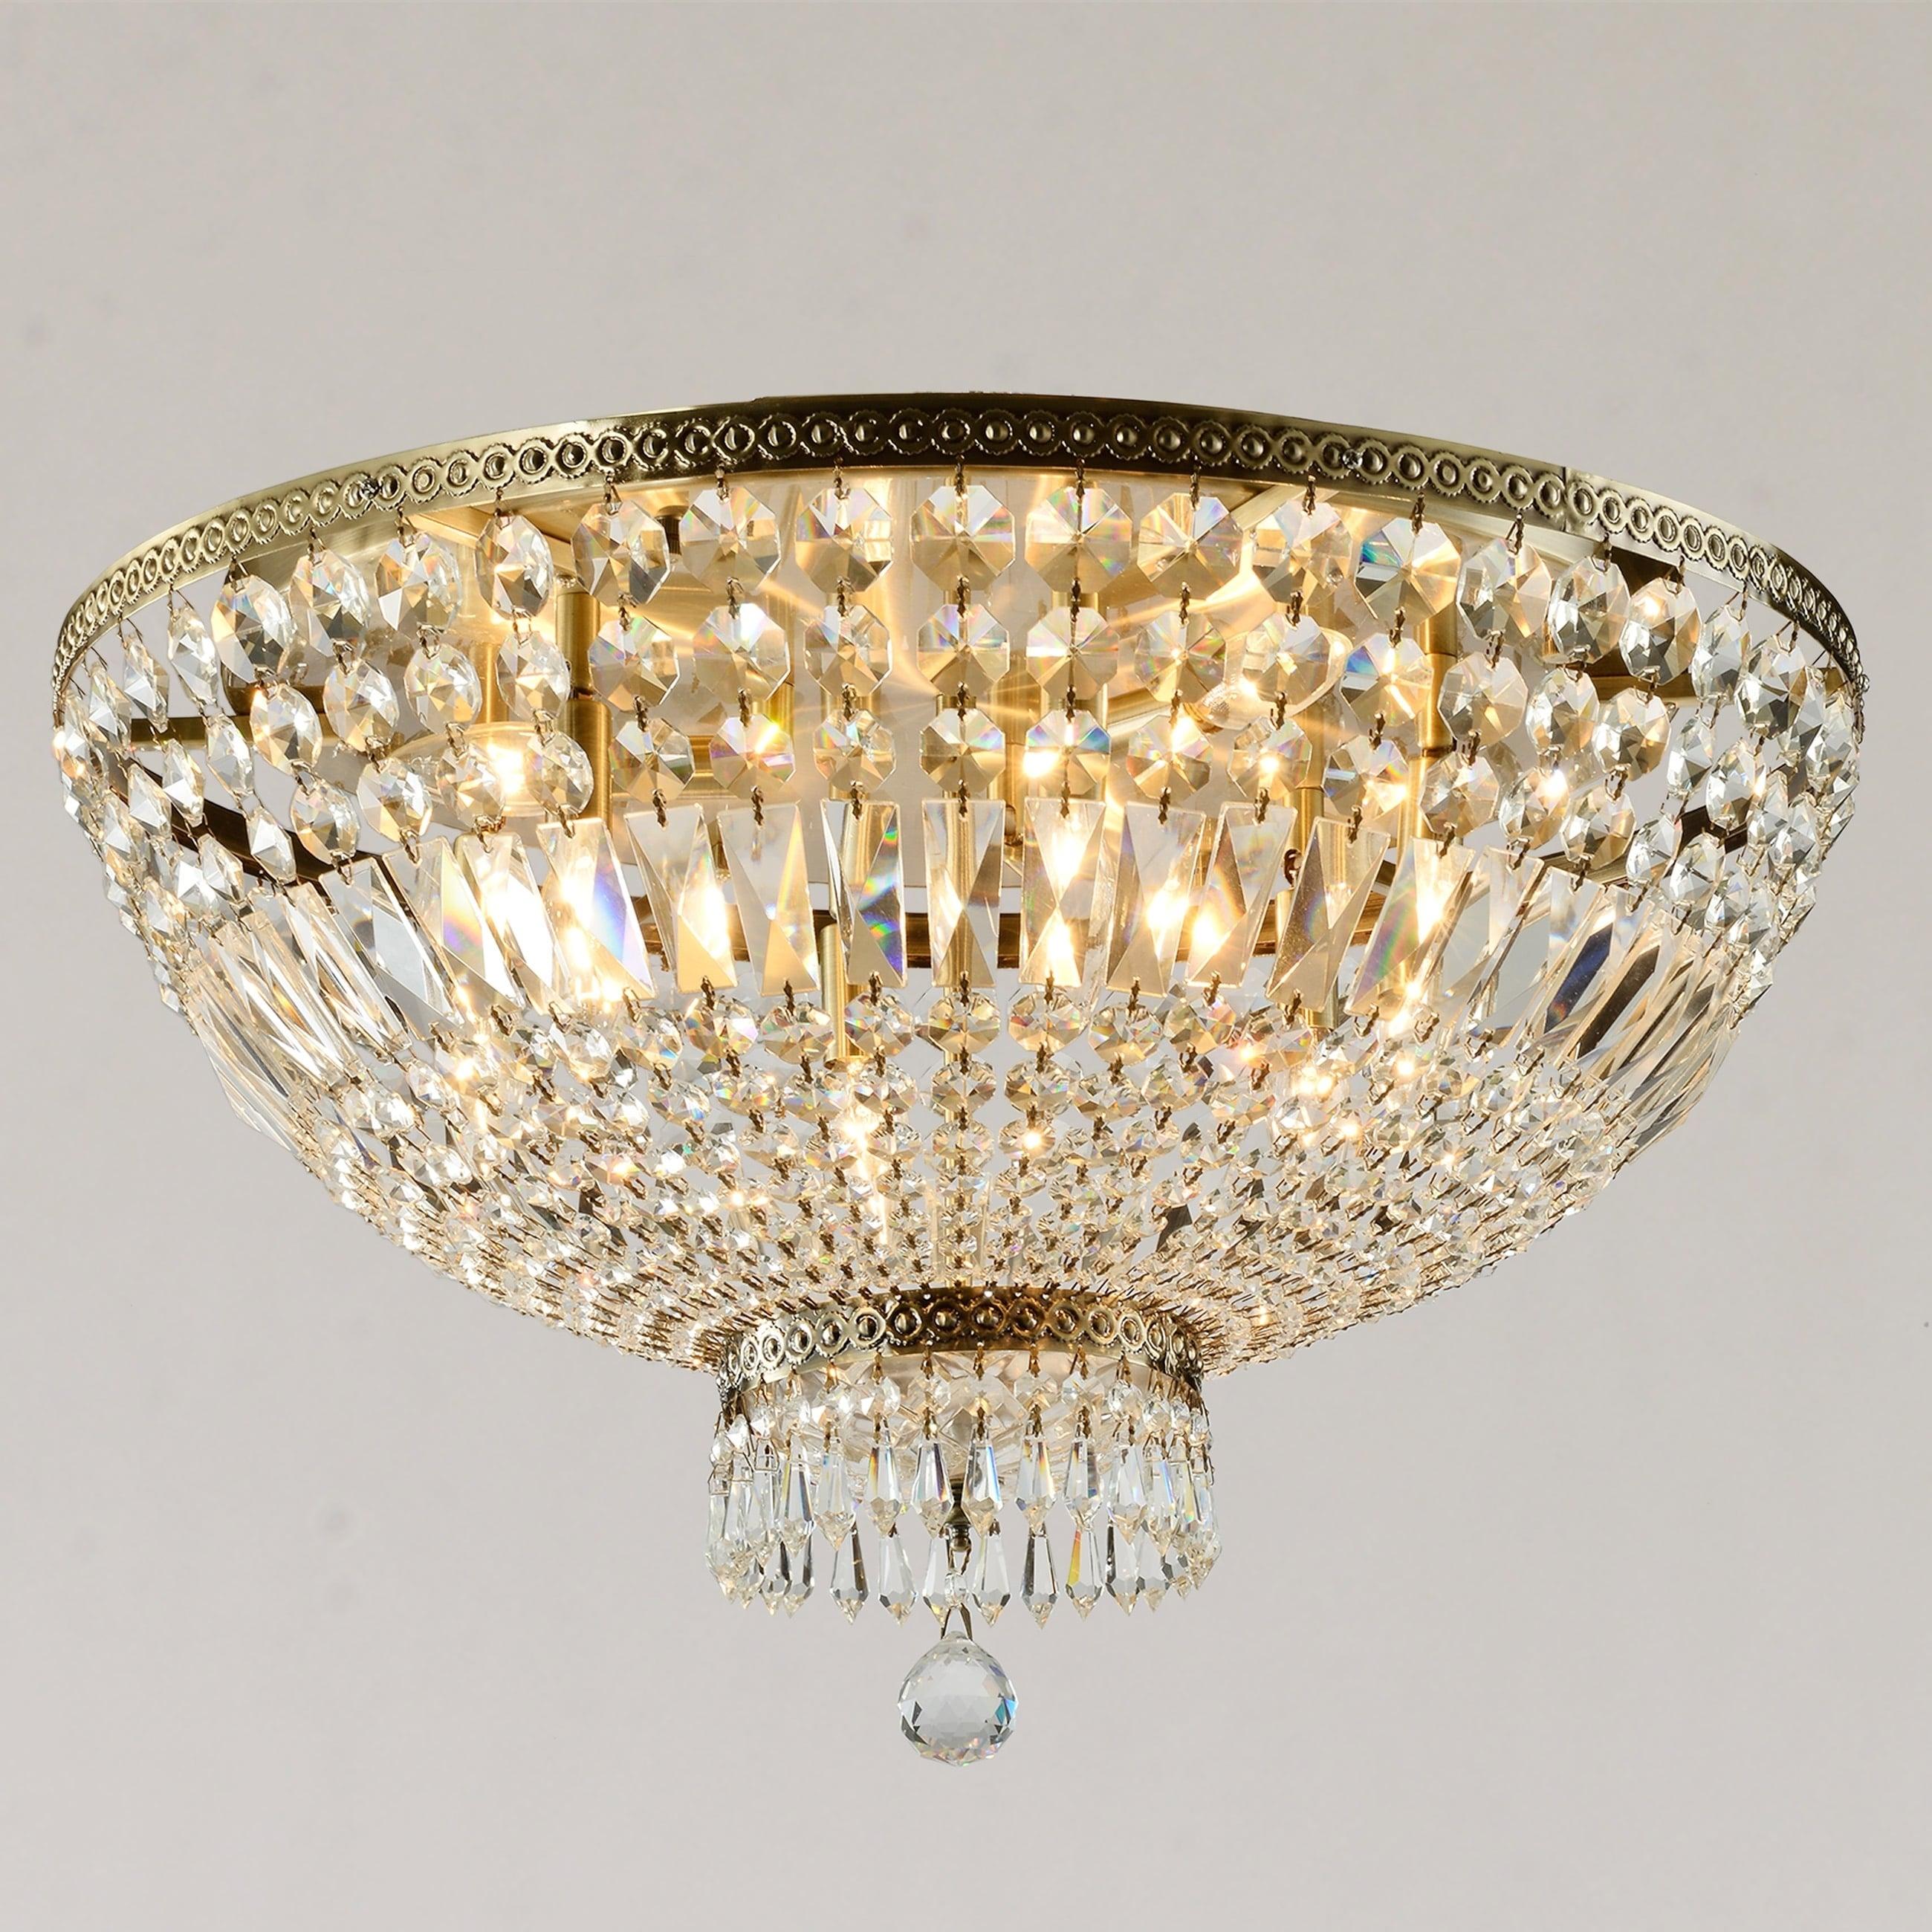 Shop Black Friday Deals On Royal French Basket 9 Light 24 In Antique Bronze Finish Crystal Flush Mount Ceiling Light Large Flush Mount Overstock 29928099